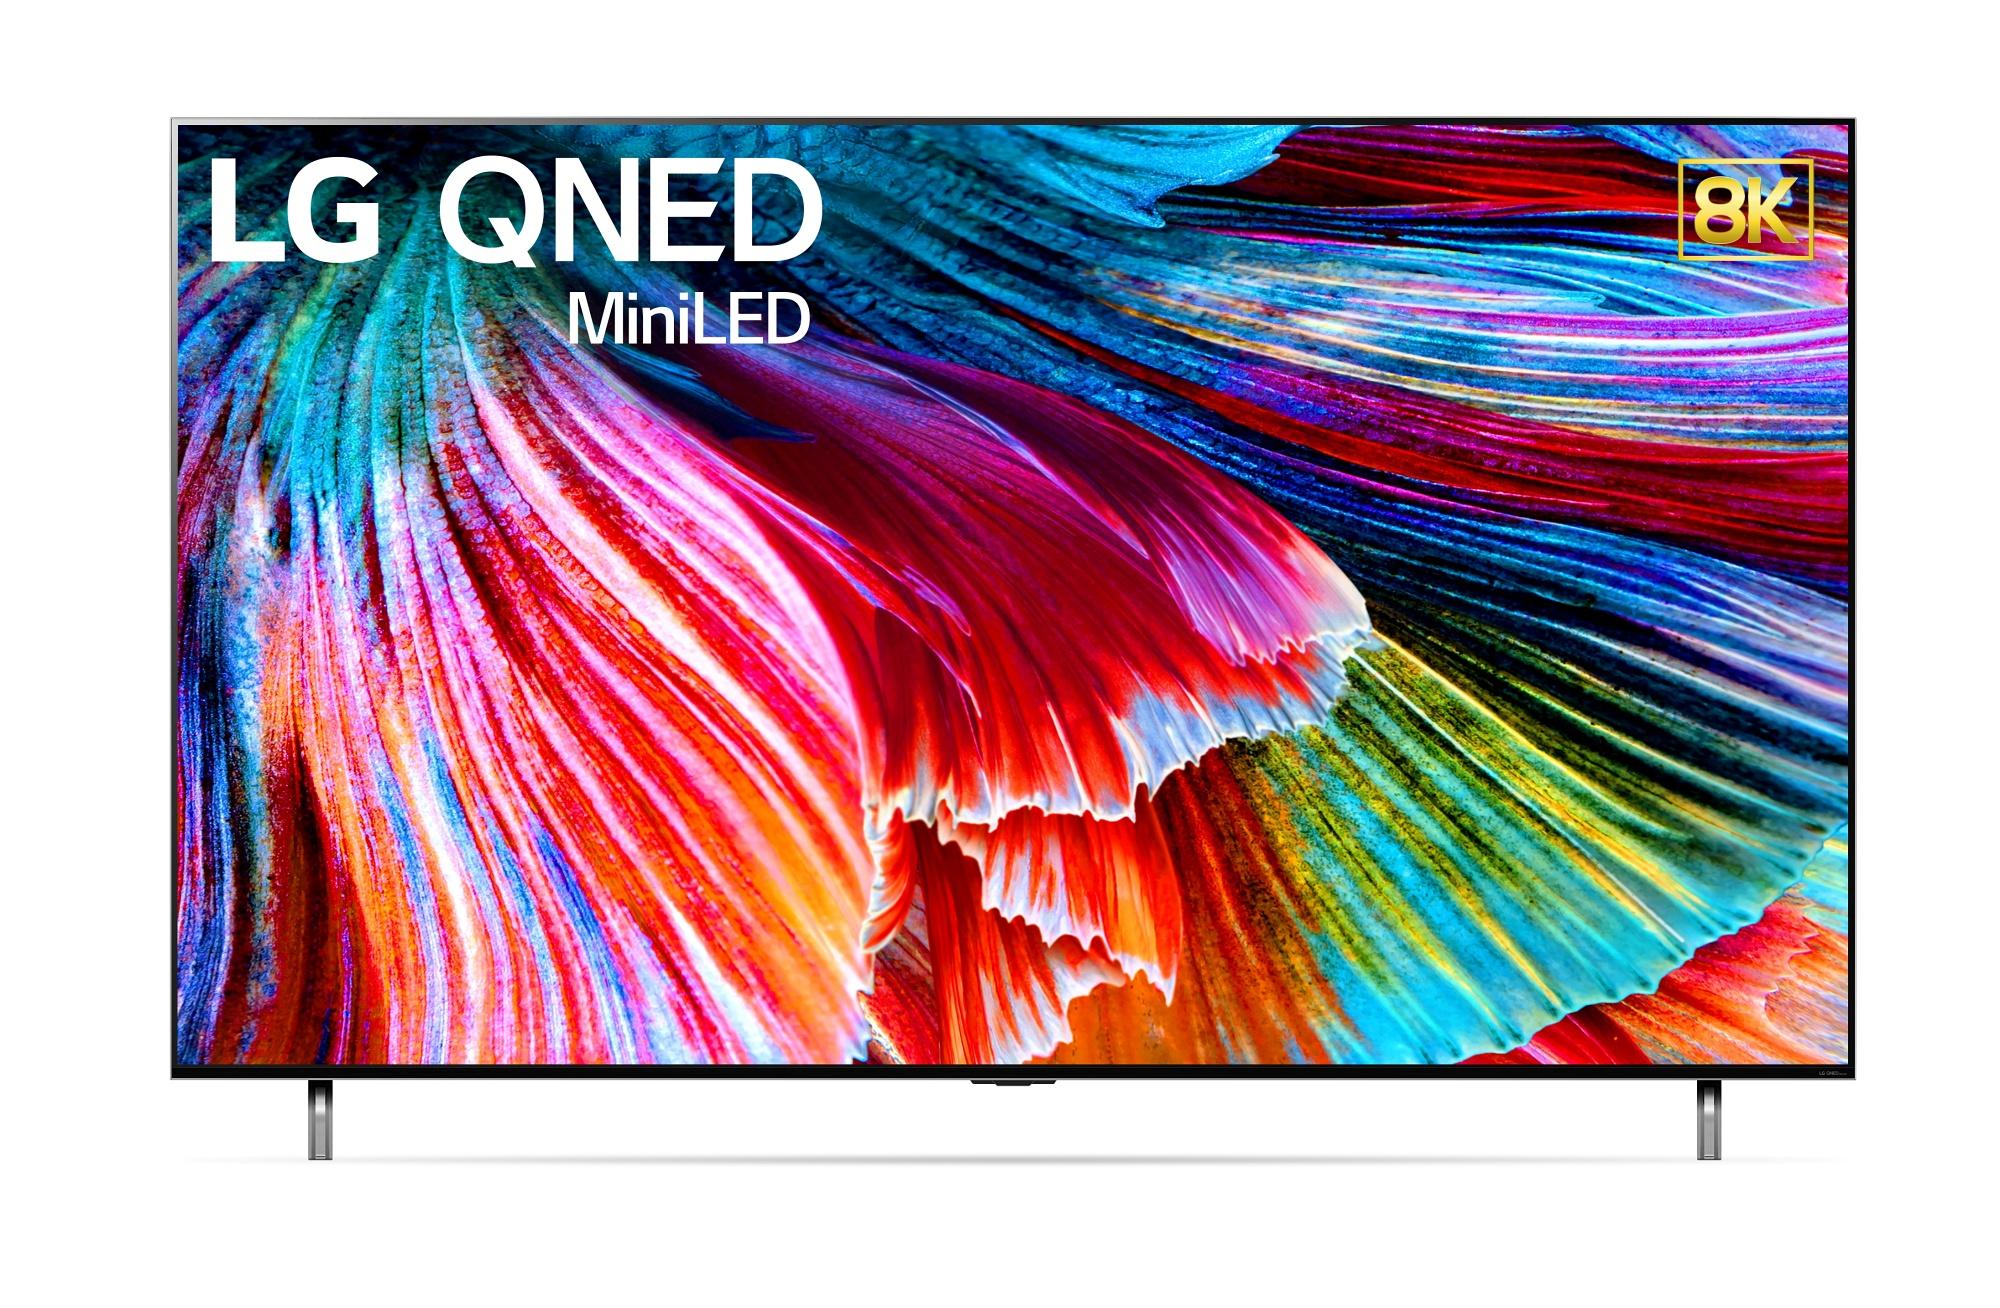 LG 8K QNED Mini LED 01